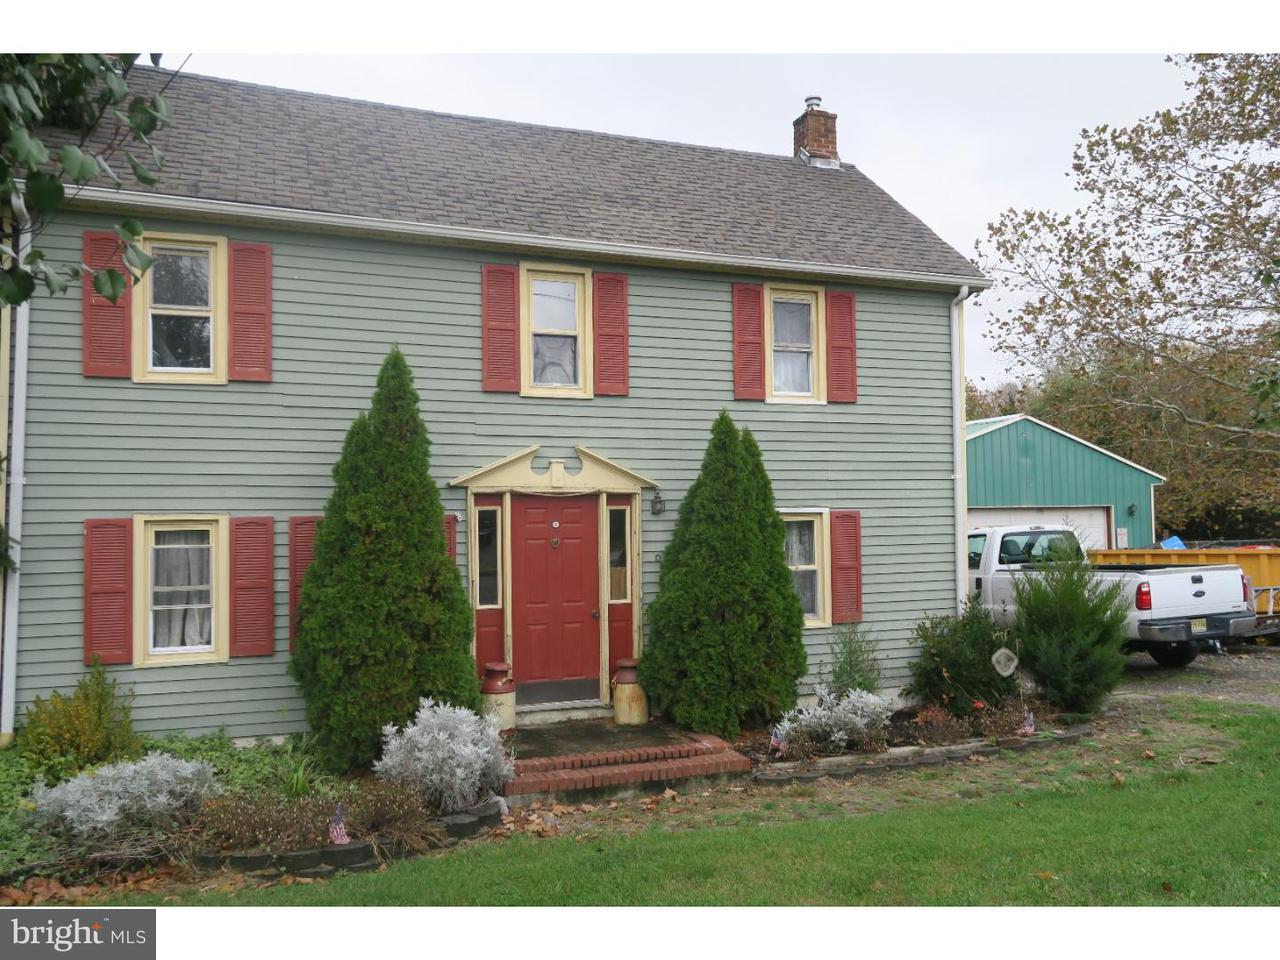 Tek Ailelik Ev için Satış at 6 BUNTING BRIDGE Road Cookstown, New Jersey 08511 Amerika Birleşik Devletleri